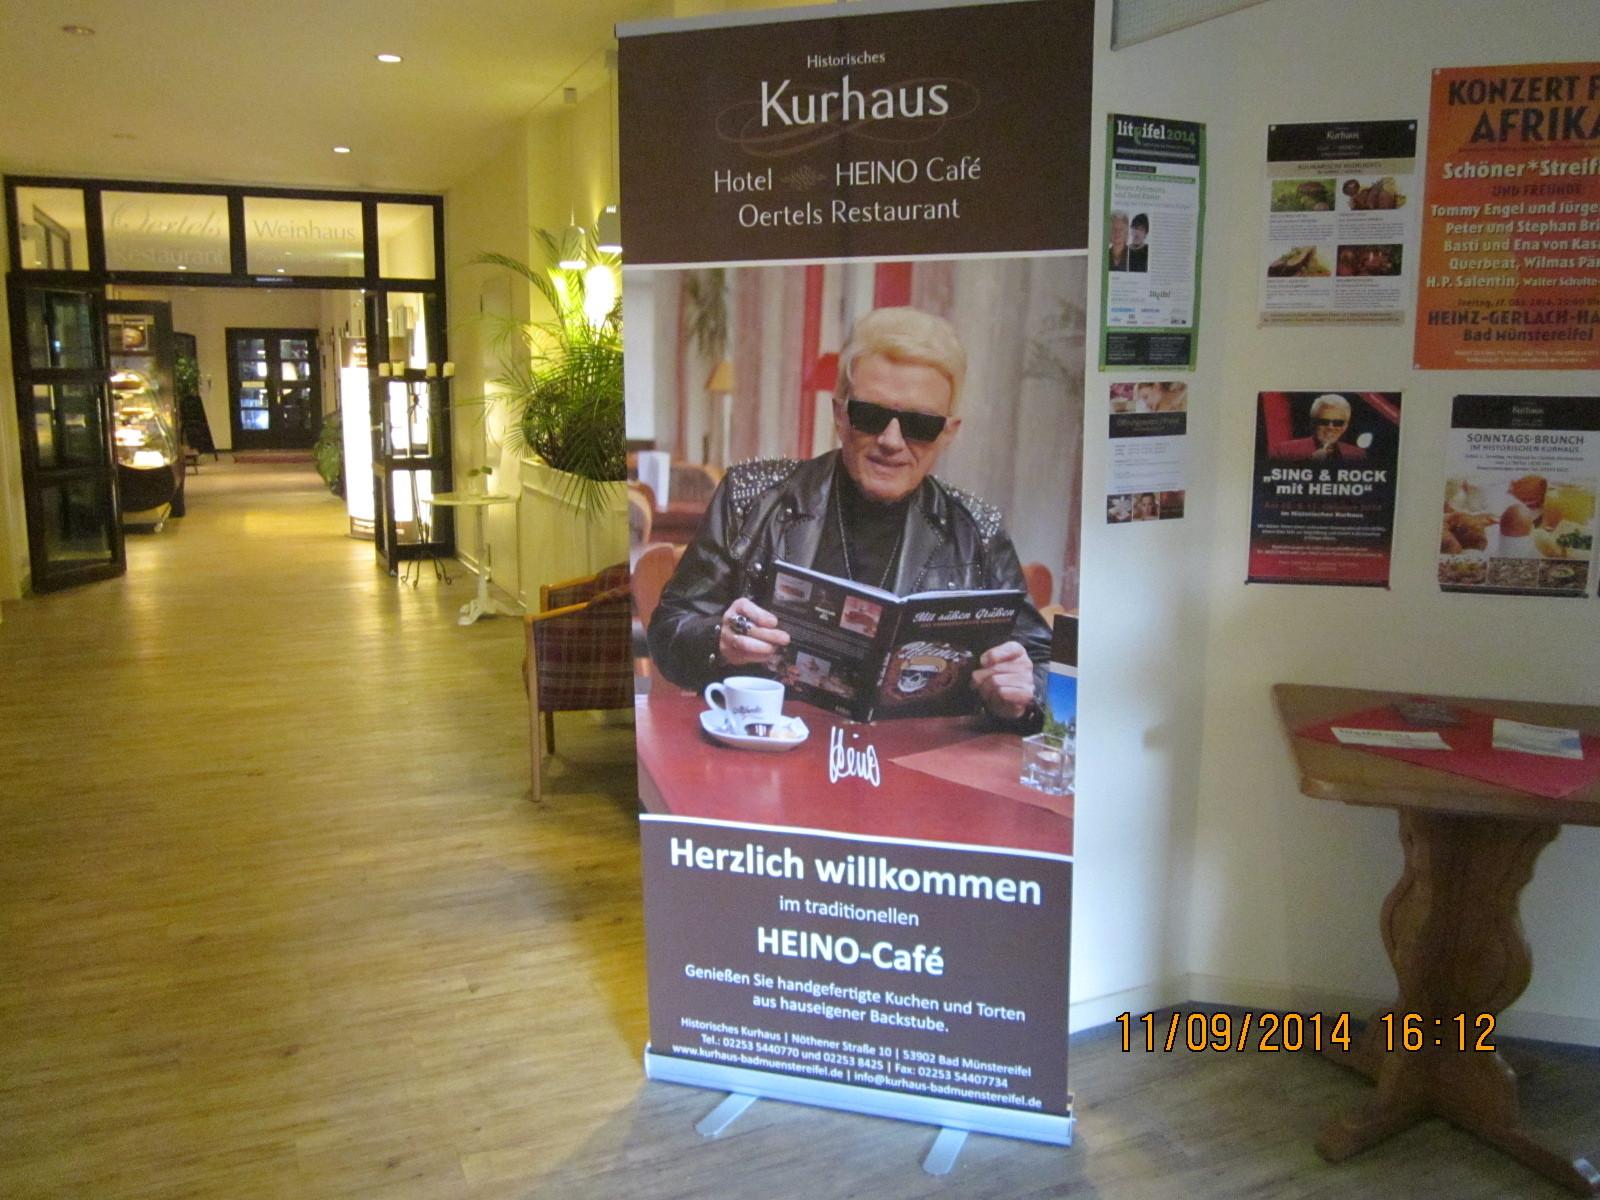 Heinos Cafe im Kurhaus